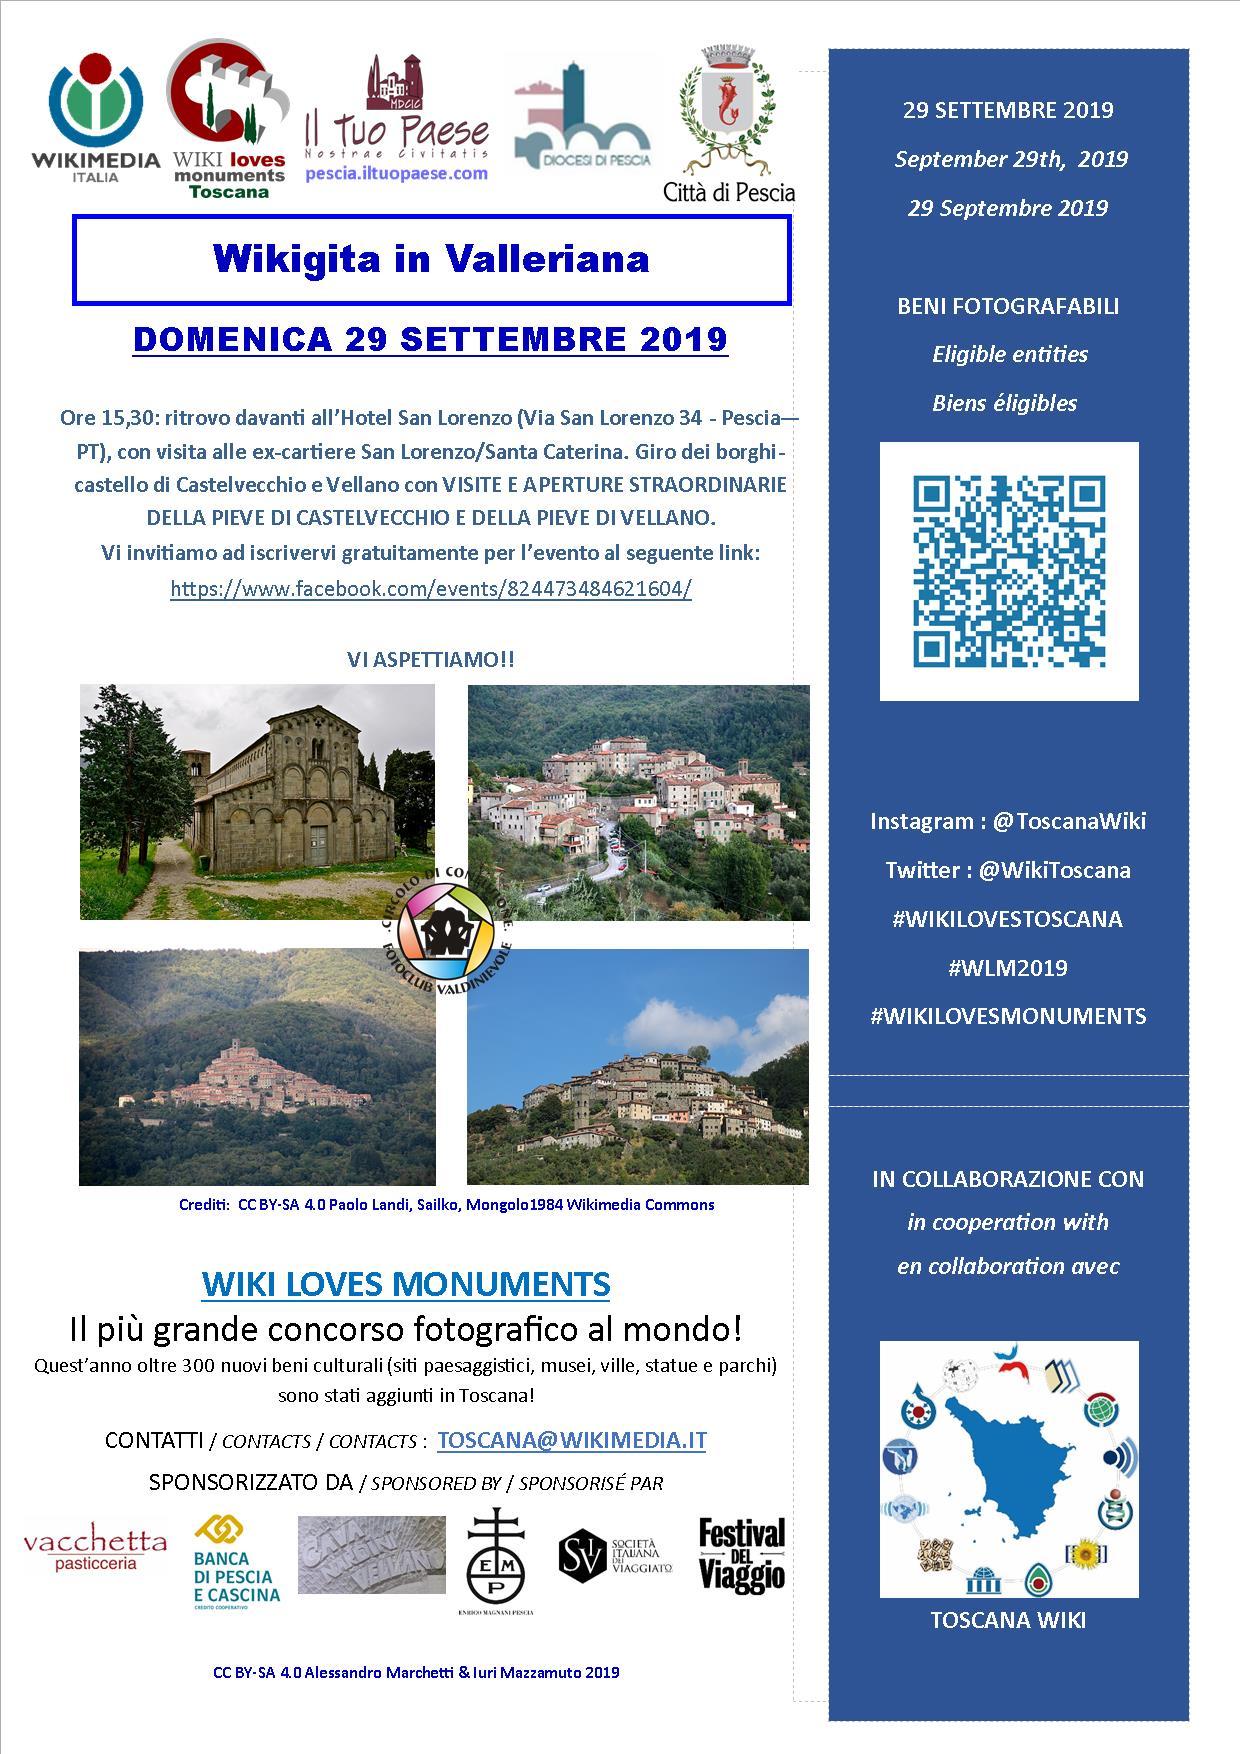 Wikigita-Valleriana-29-settembre-wikilovesmonuments pescia